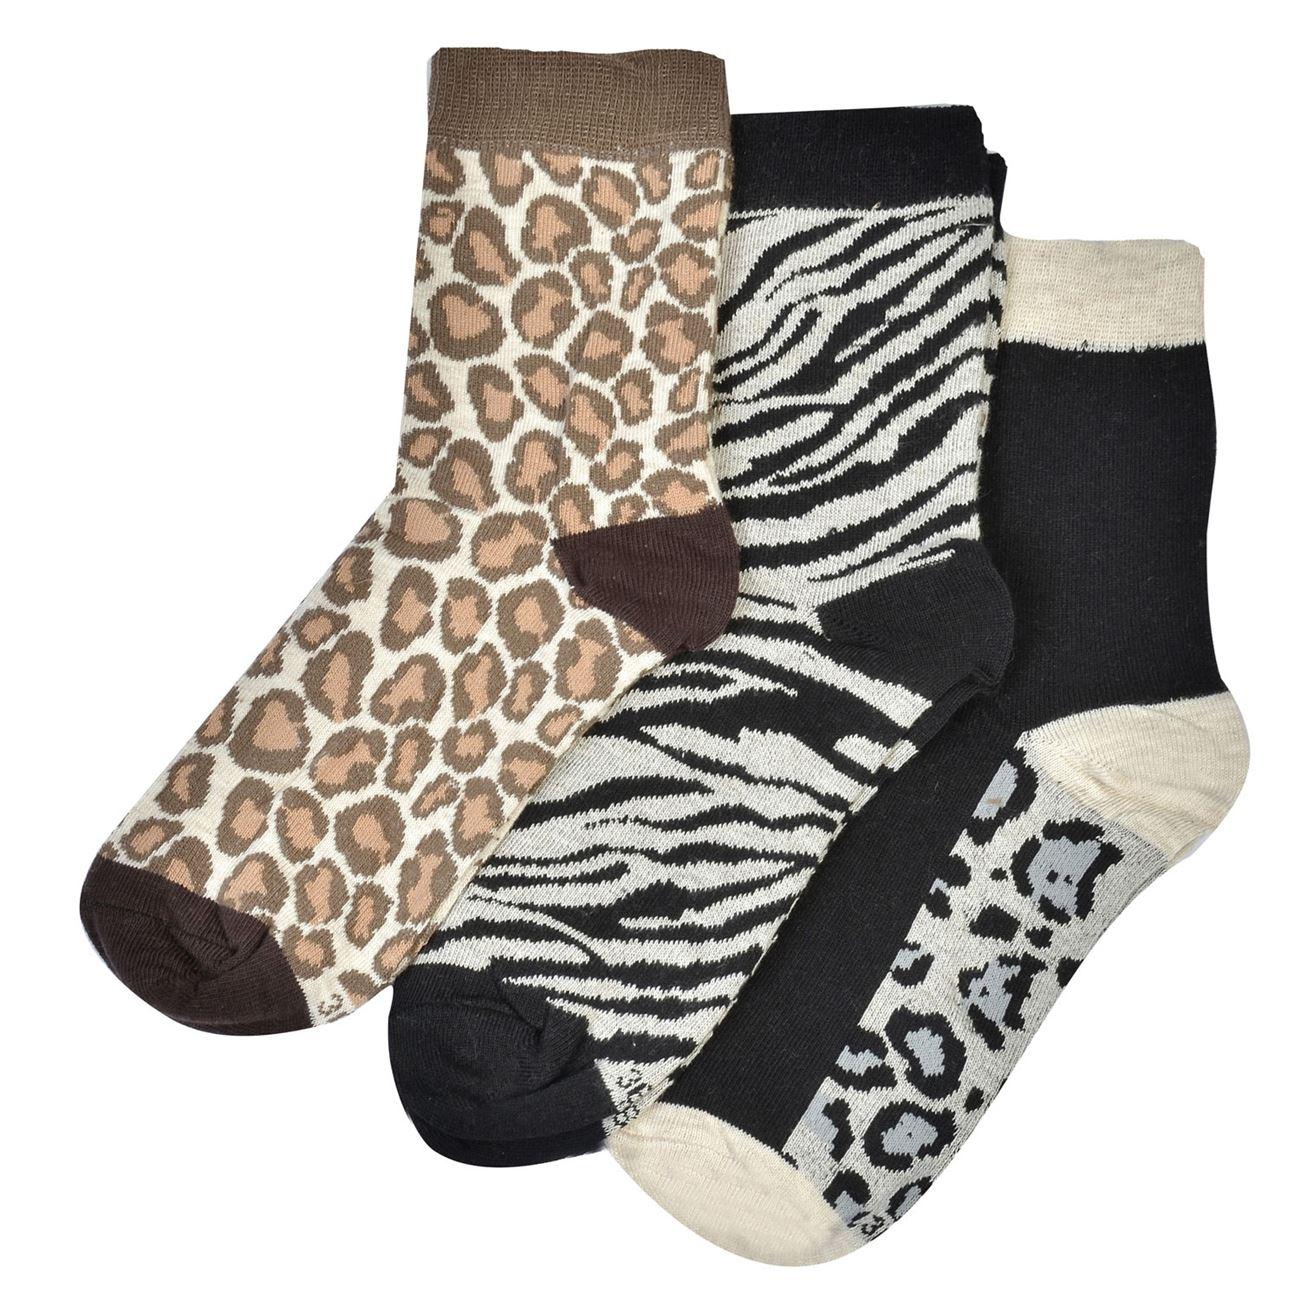 Κάλτσες Γυναικείες Λεοπαρ Τιγρέ - 3 ζευγ.   Κάλτσες Γυναικείες ... e0703a8b471